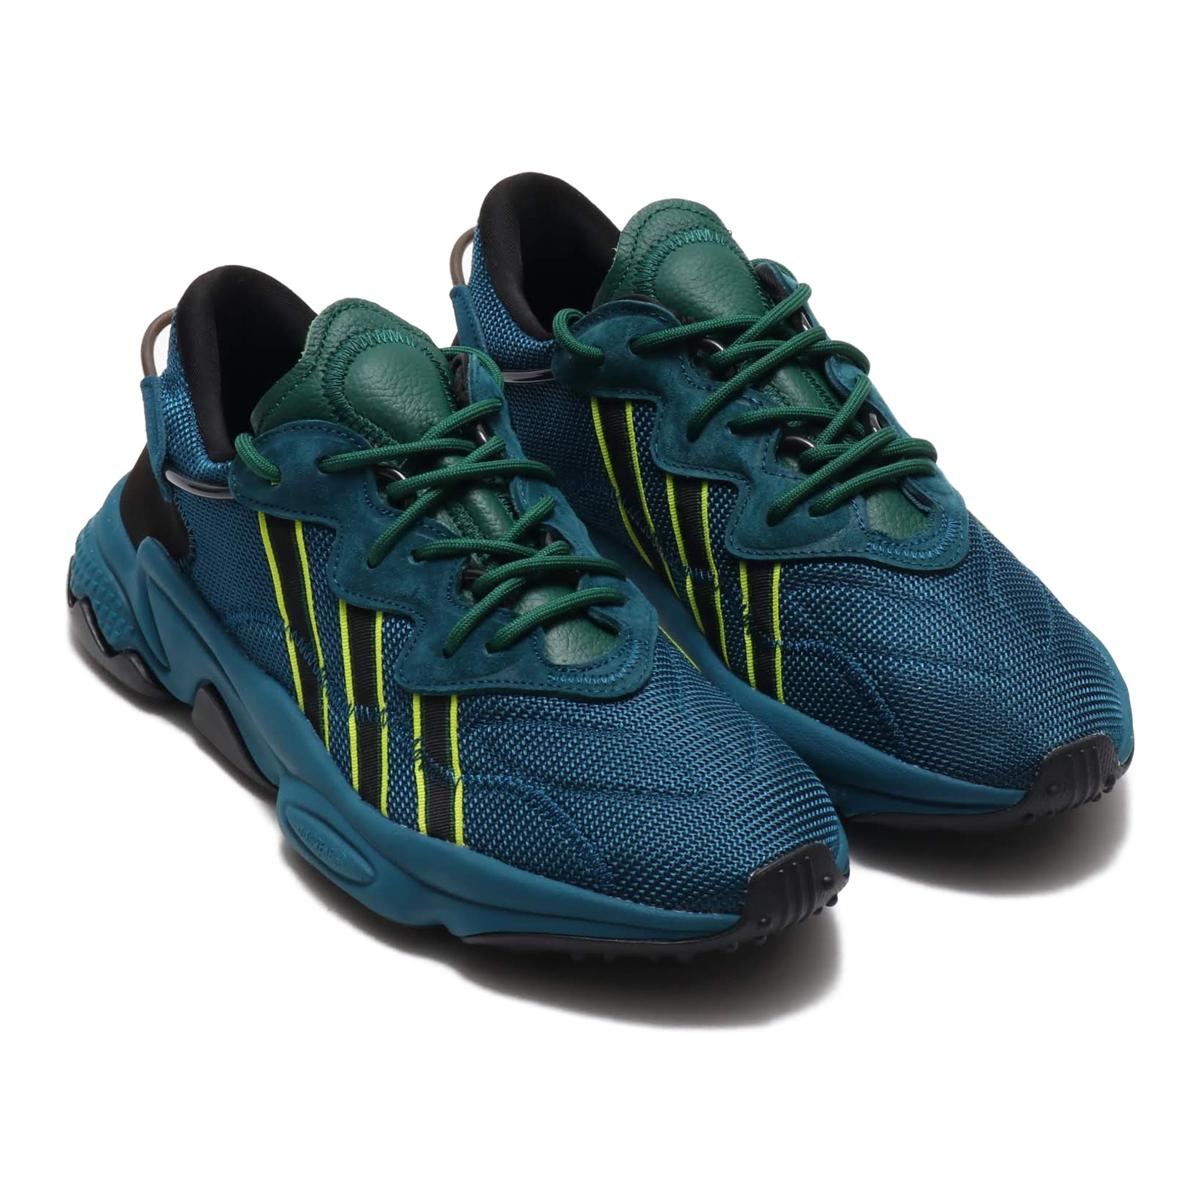 adidas PUSHA T OZWEEGO(アディダス プシャティ オズウィーゴ)BLUE【メンズ レディース スニーカー】19FW-S